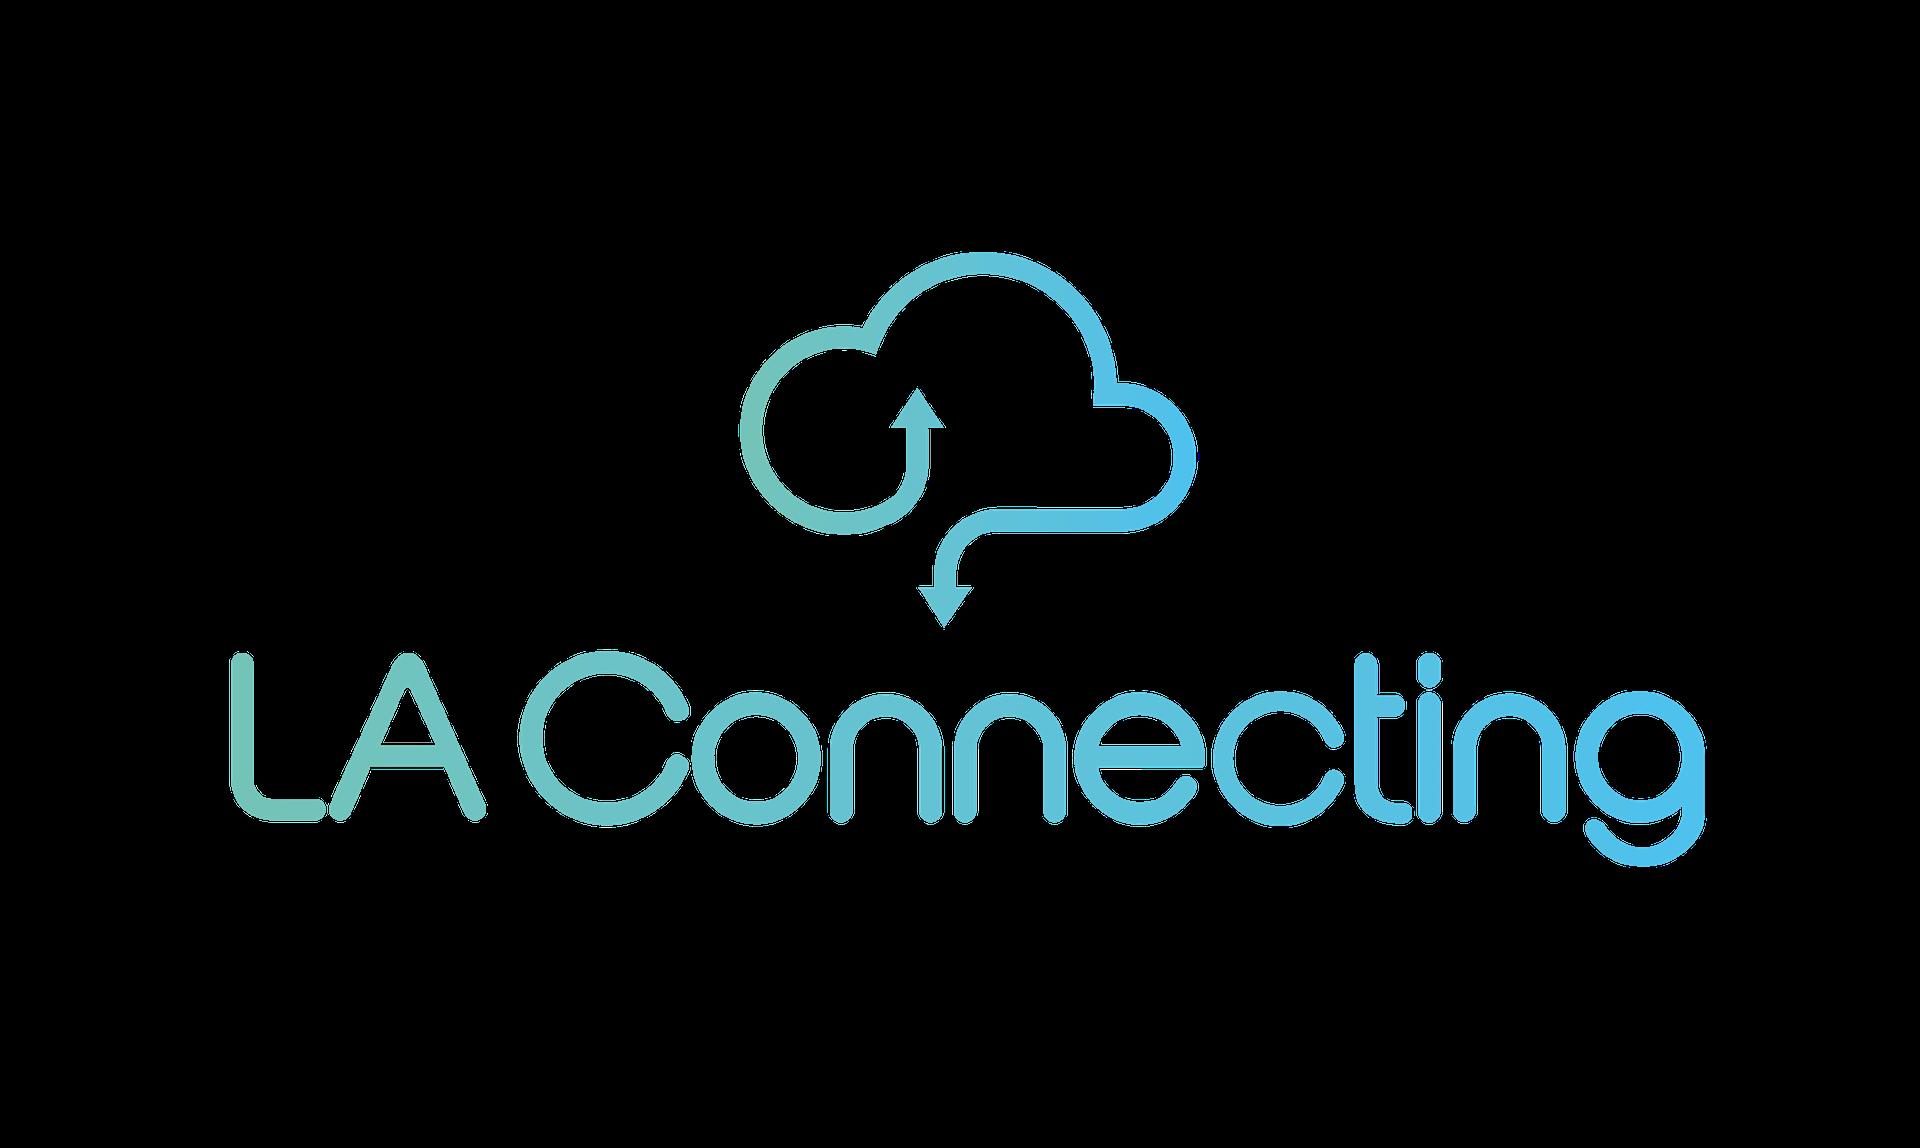 IMAGOTIPO-LA-CONNECTING